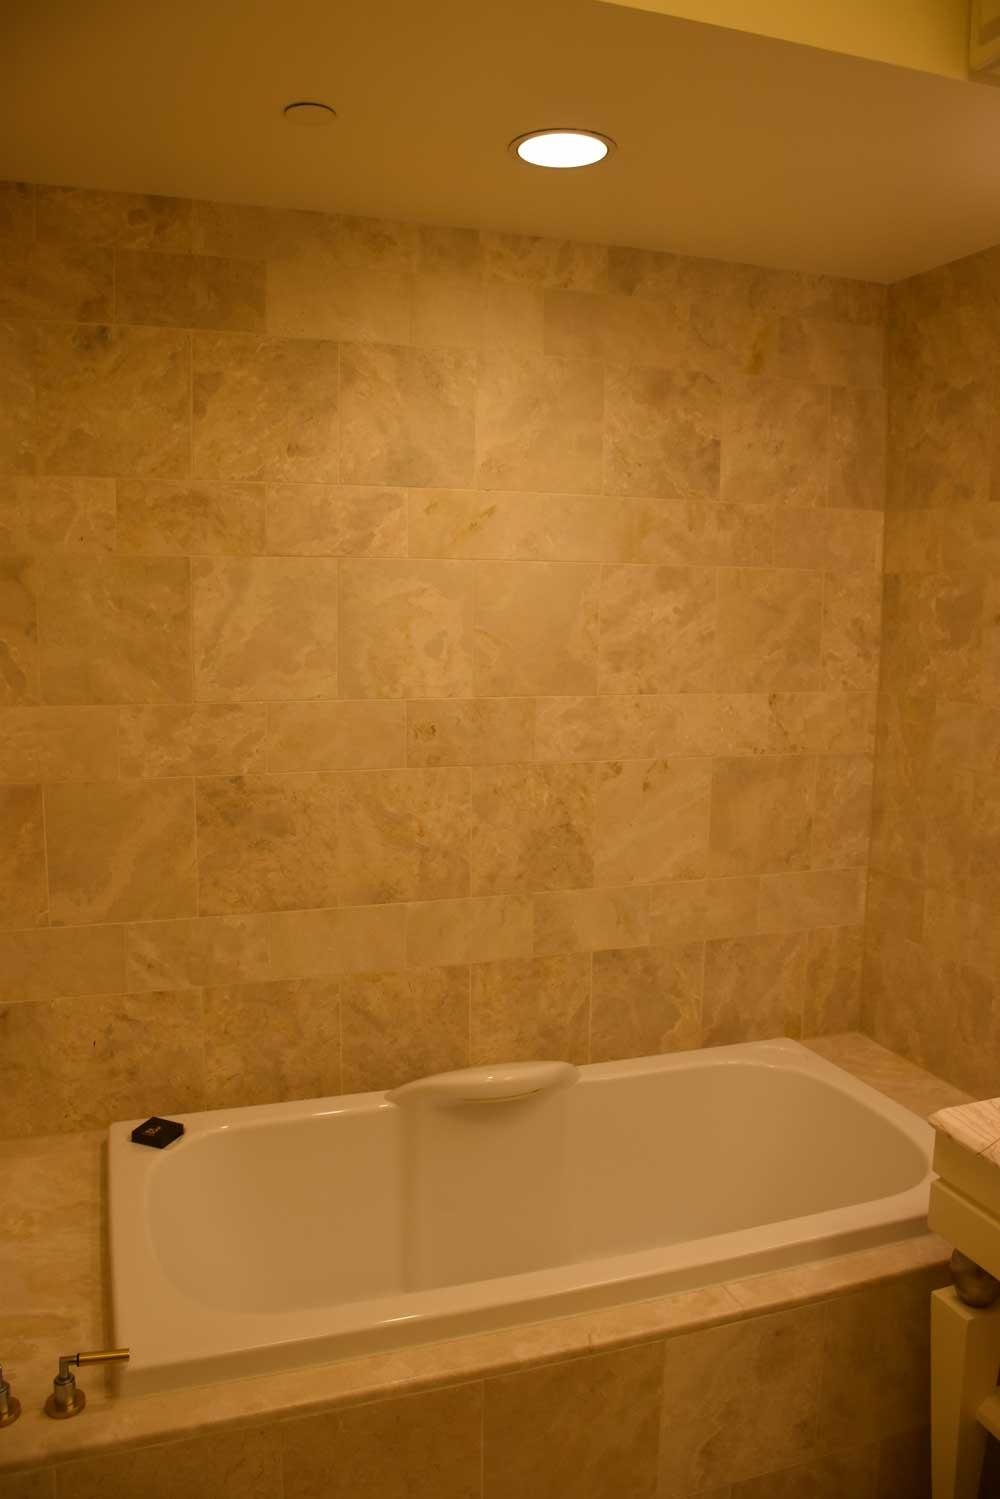 Wynn Macau Deluxe King bathtub